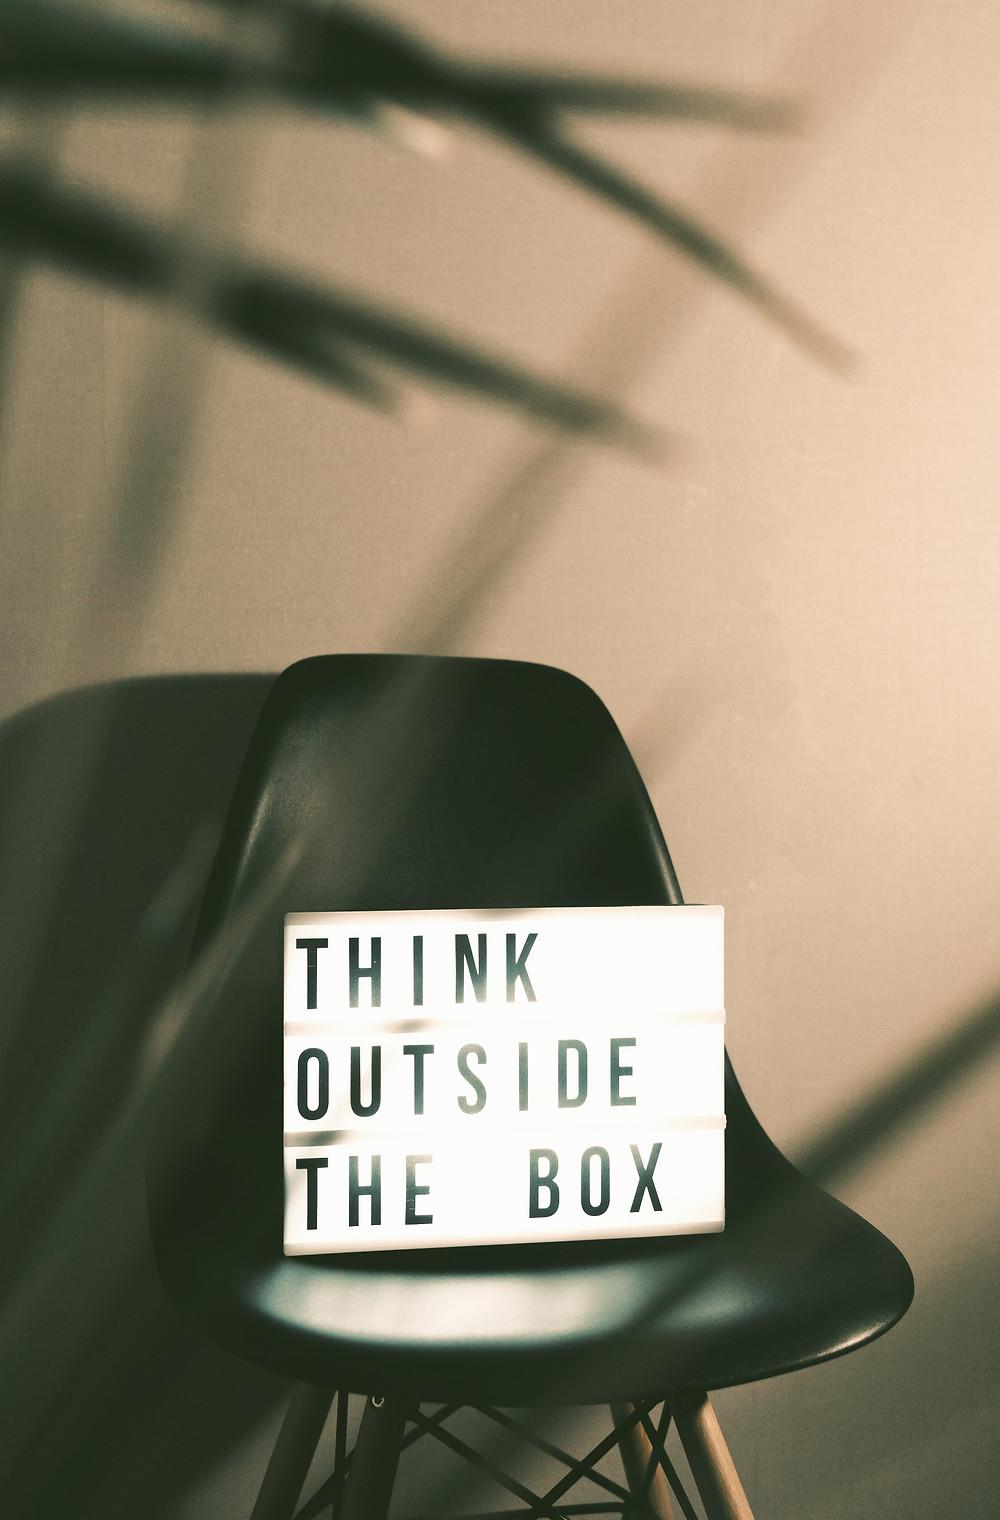 Prendre l'habitude de penser hors du cadre pour retrouver de la créativité